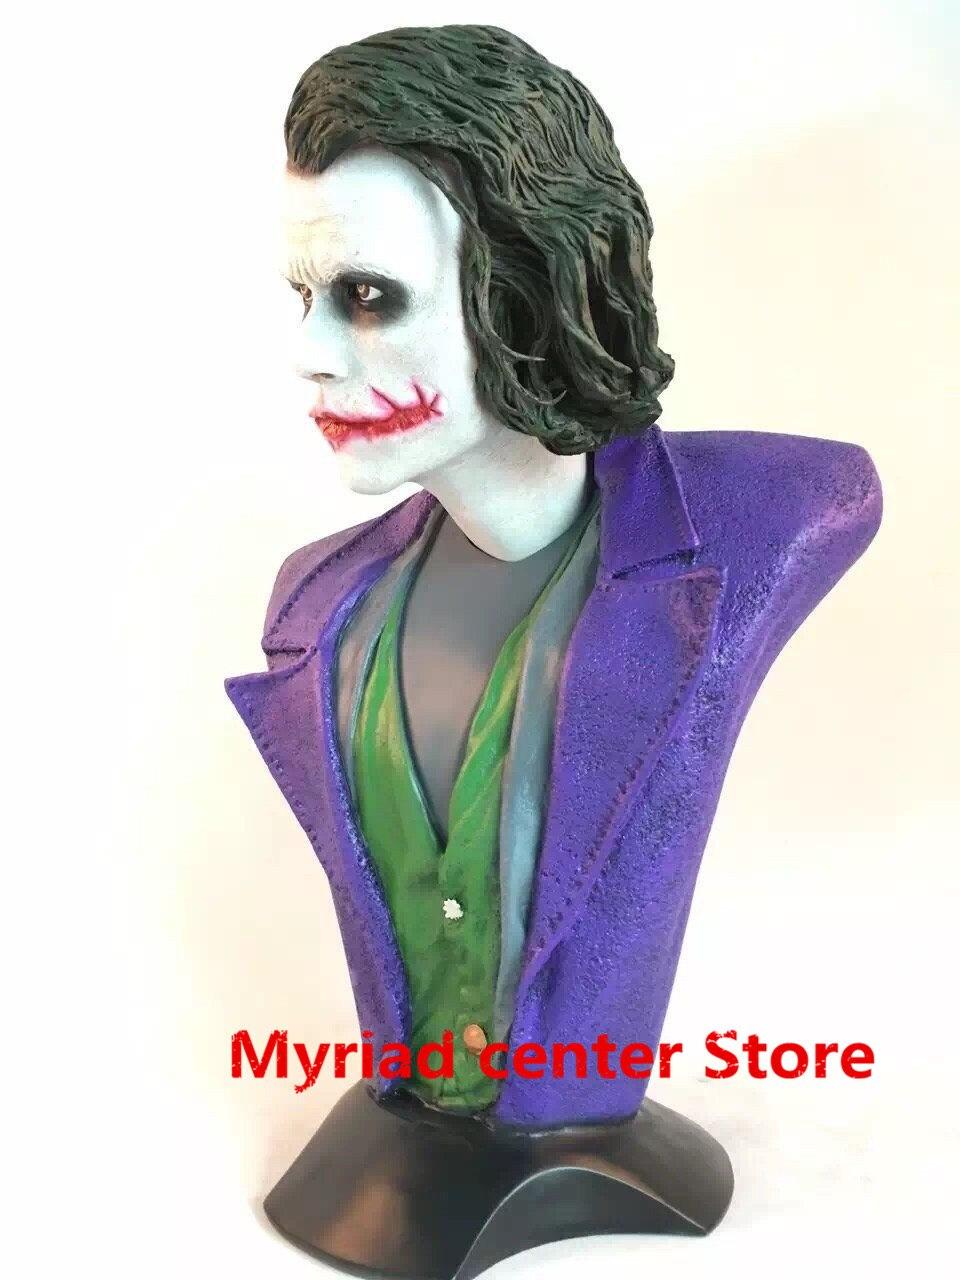 Batman: le chevalier noir 1:1 buste Joker (grandeur nature) demi-longueur Photo ou Portrait résine tête portrait modèle Avatar